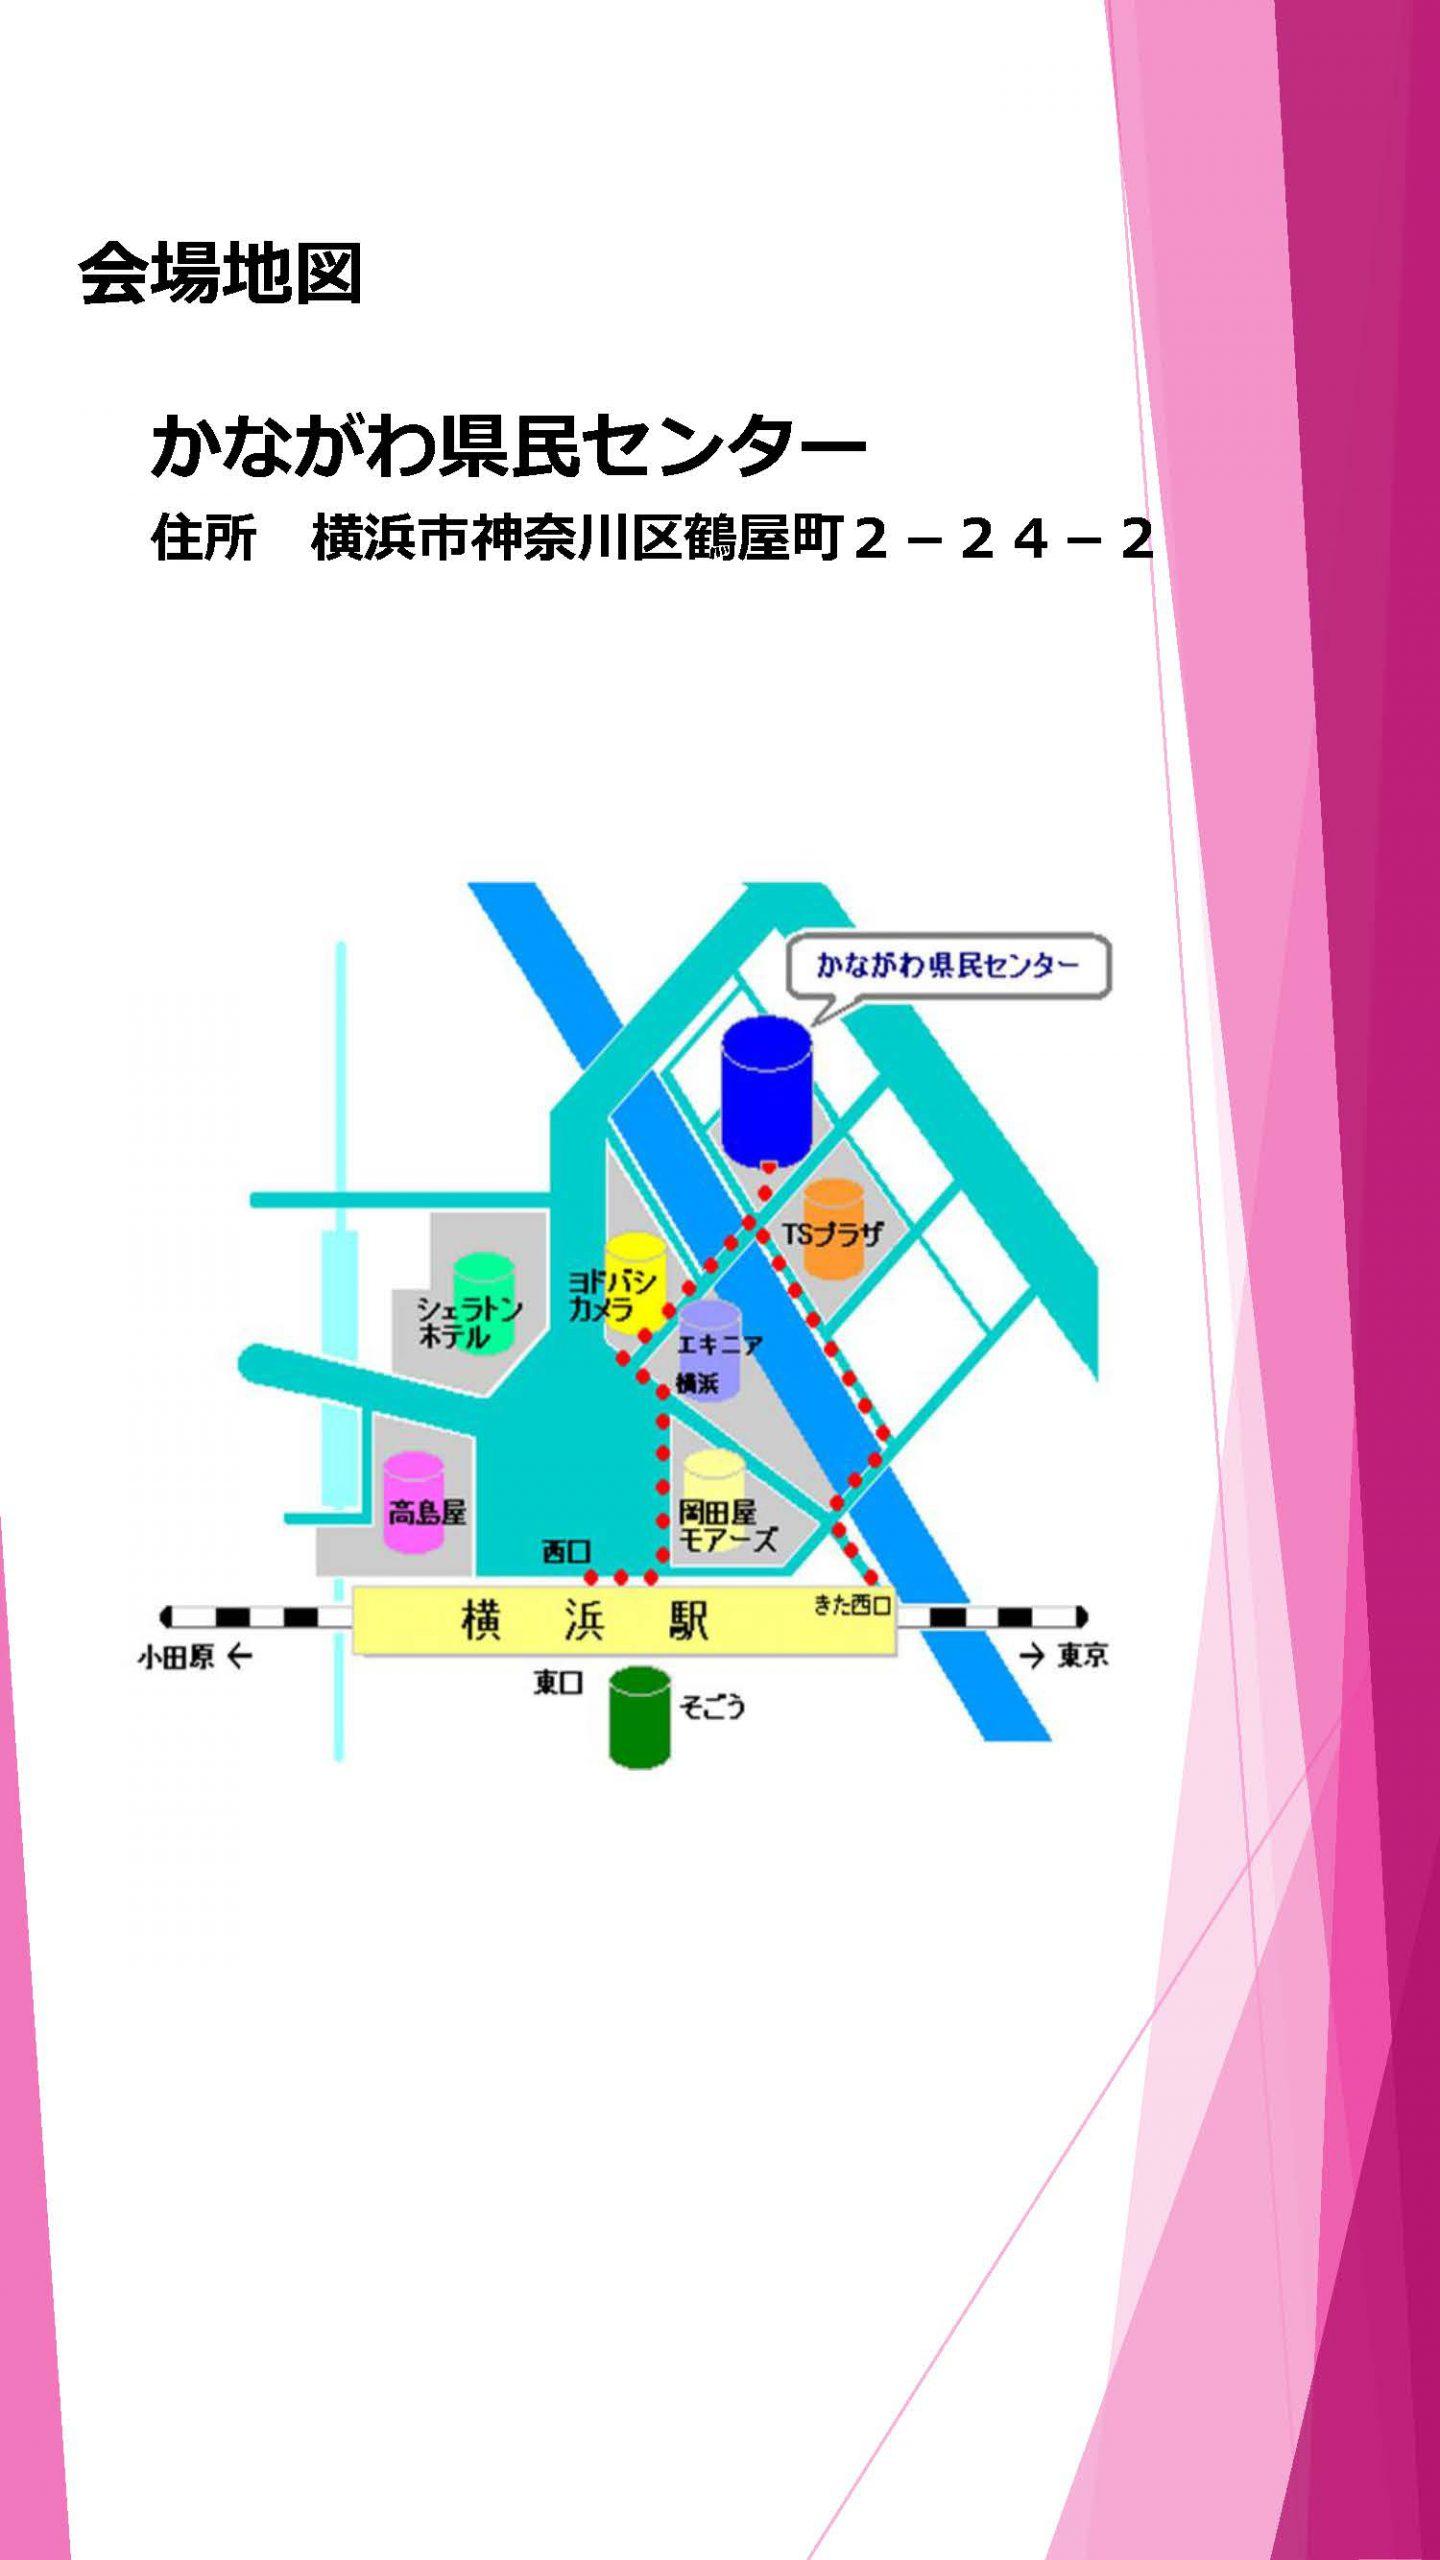 かながわ県民センター地図